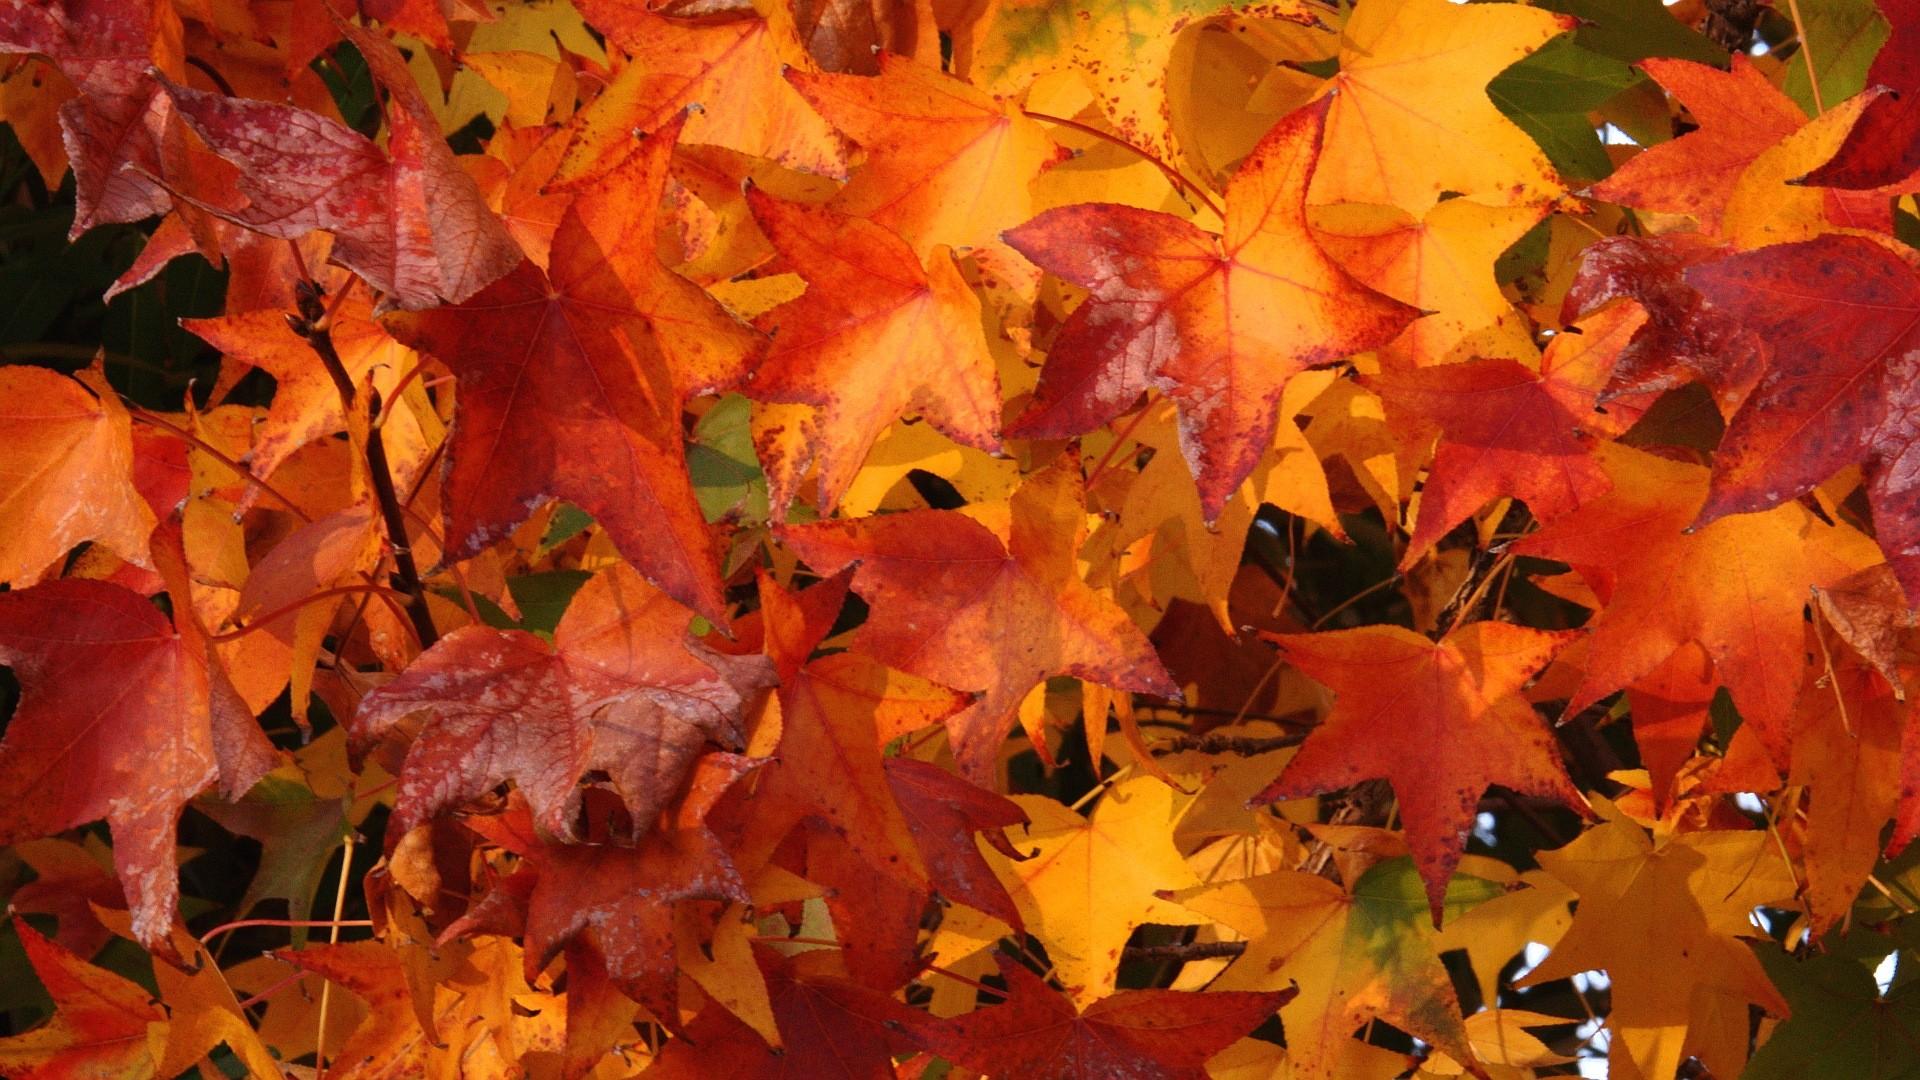 Download: Fall Colors HD Wallpaper